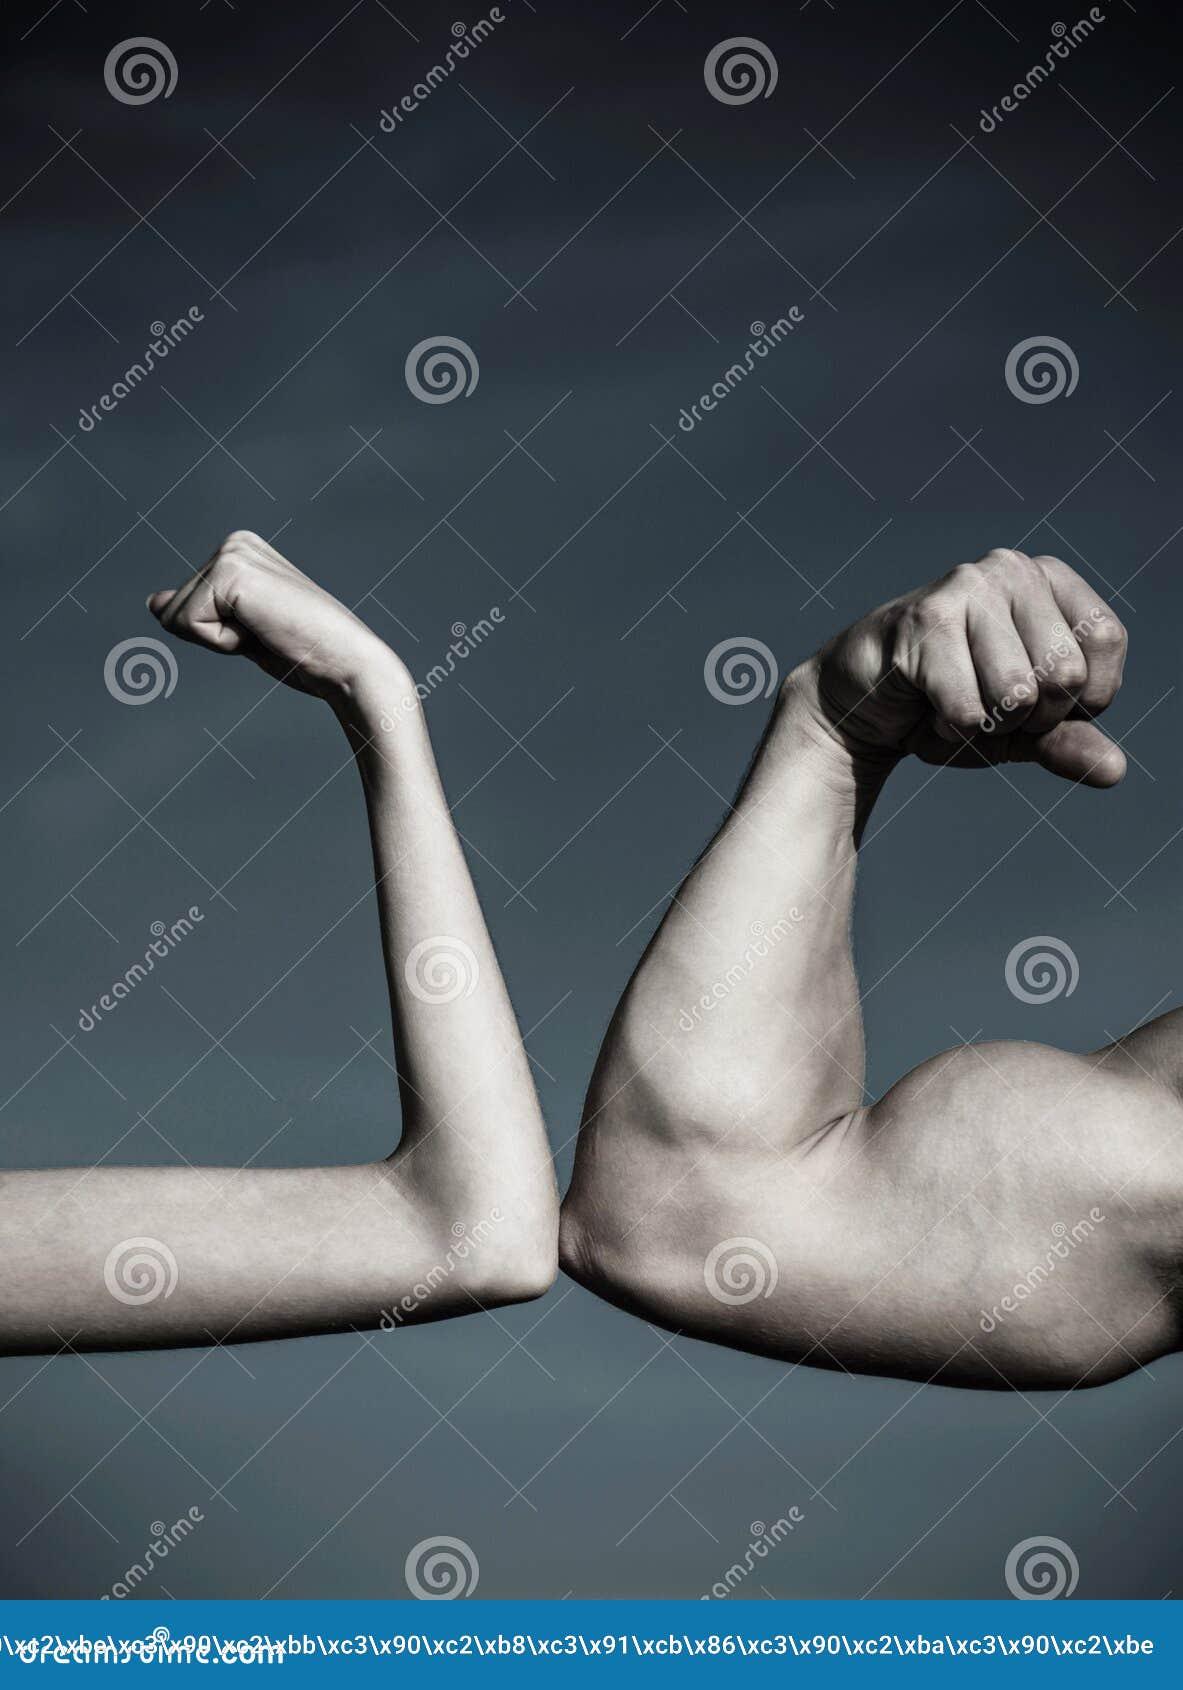 Ανταγωνισμός, εναντίον, πρόκληση, σύγκριση δύναμης Μυϊκός βραχίονας εναντίον του αδύνατου χεριού Εναντίον, παλεψτε σκληρά Ανταγων